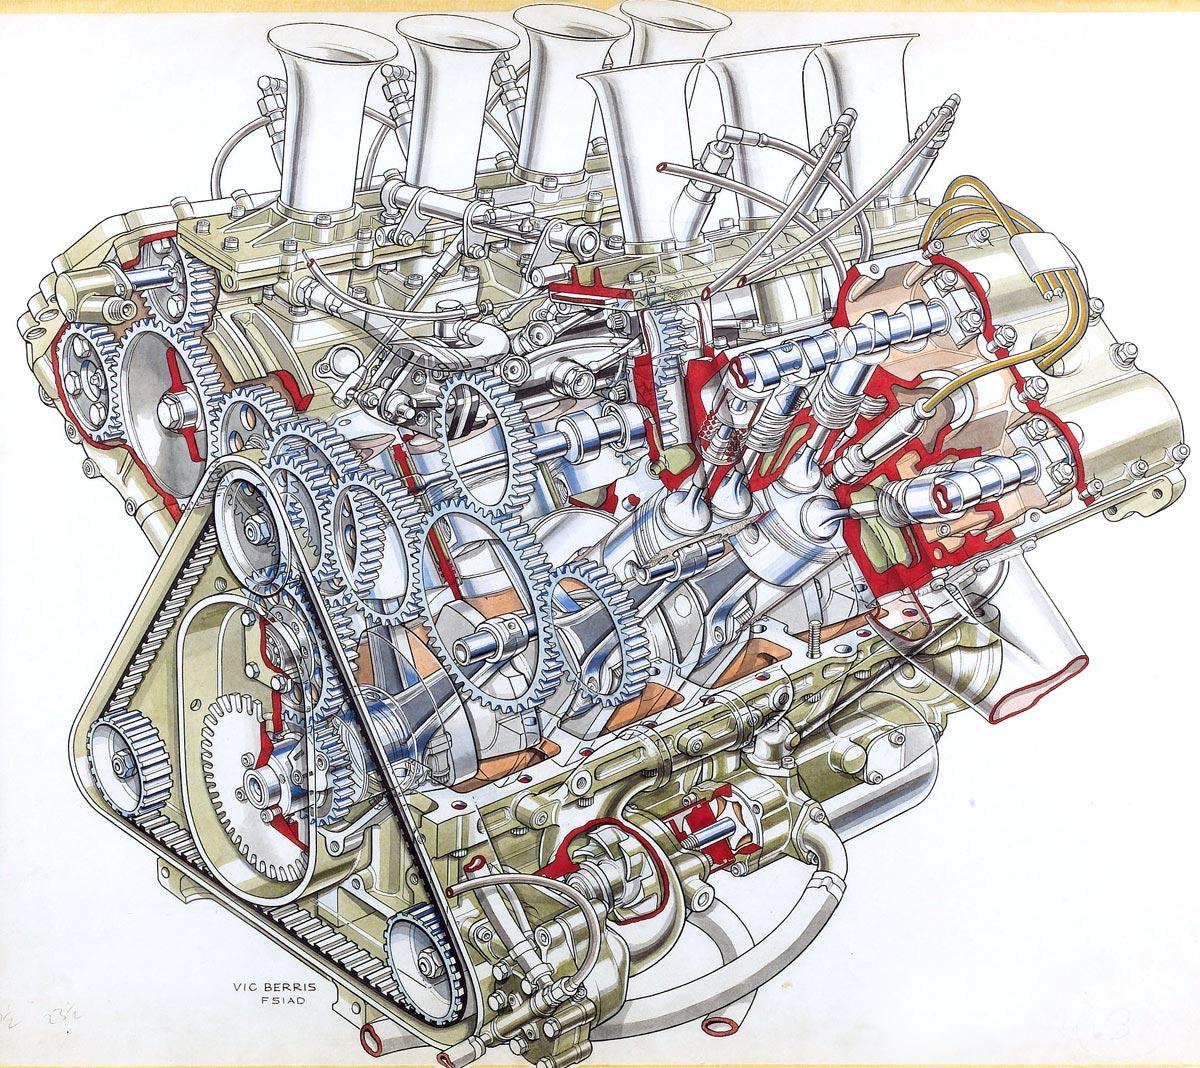 Formula 1 V8 engine cutaway drawing